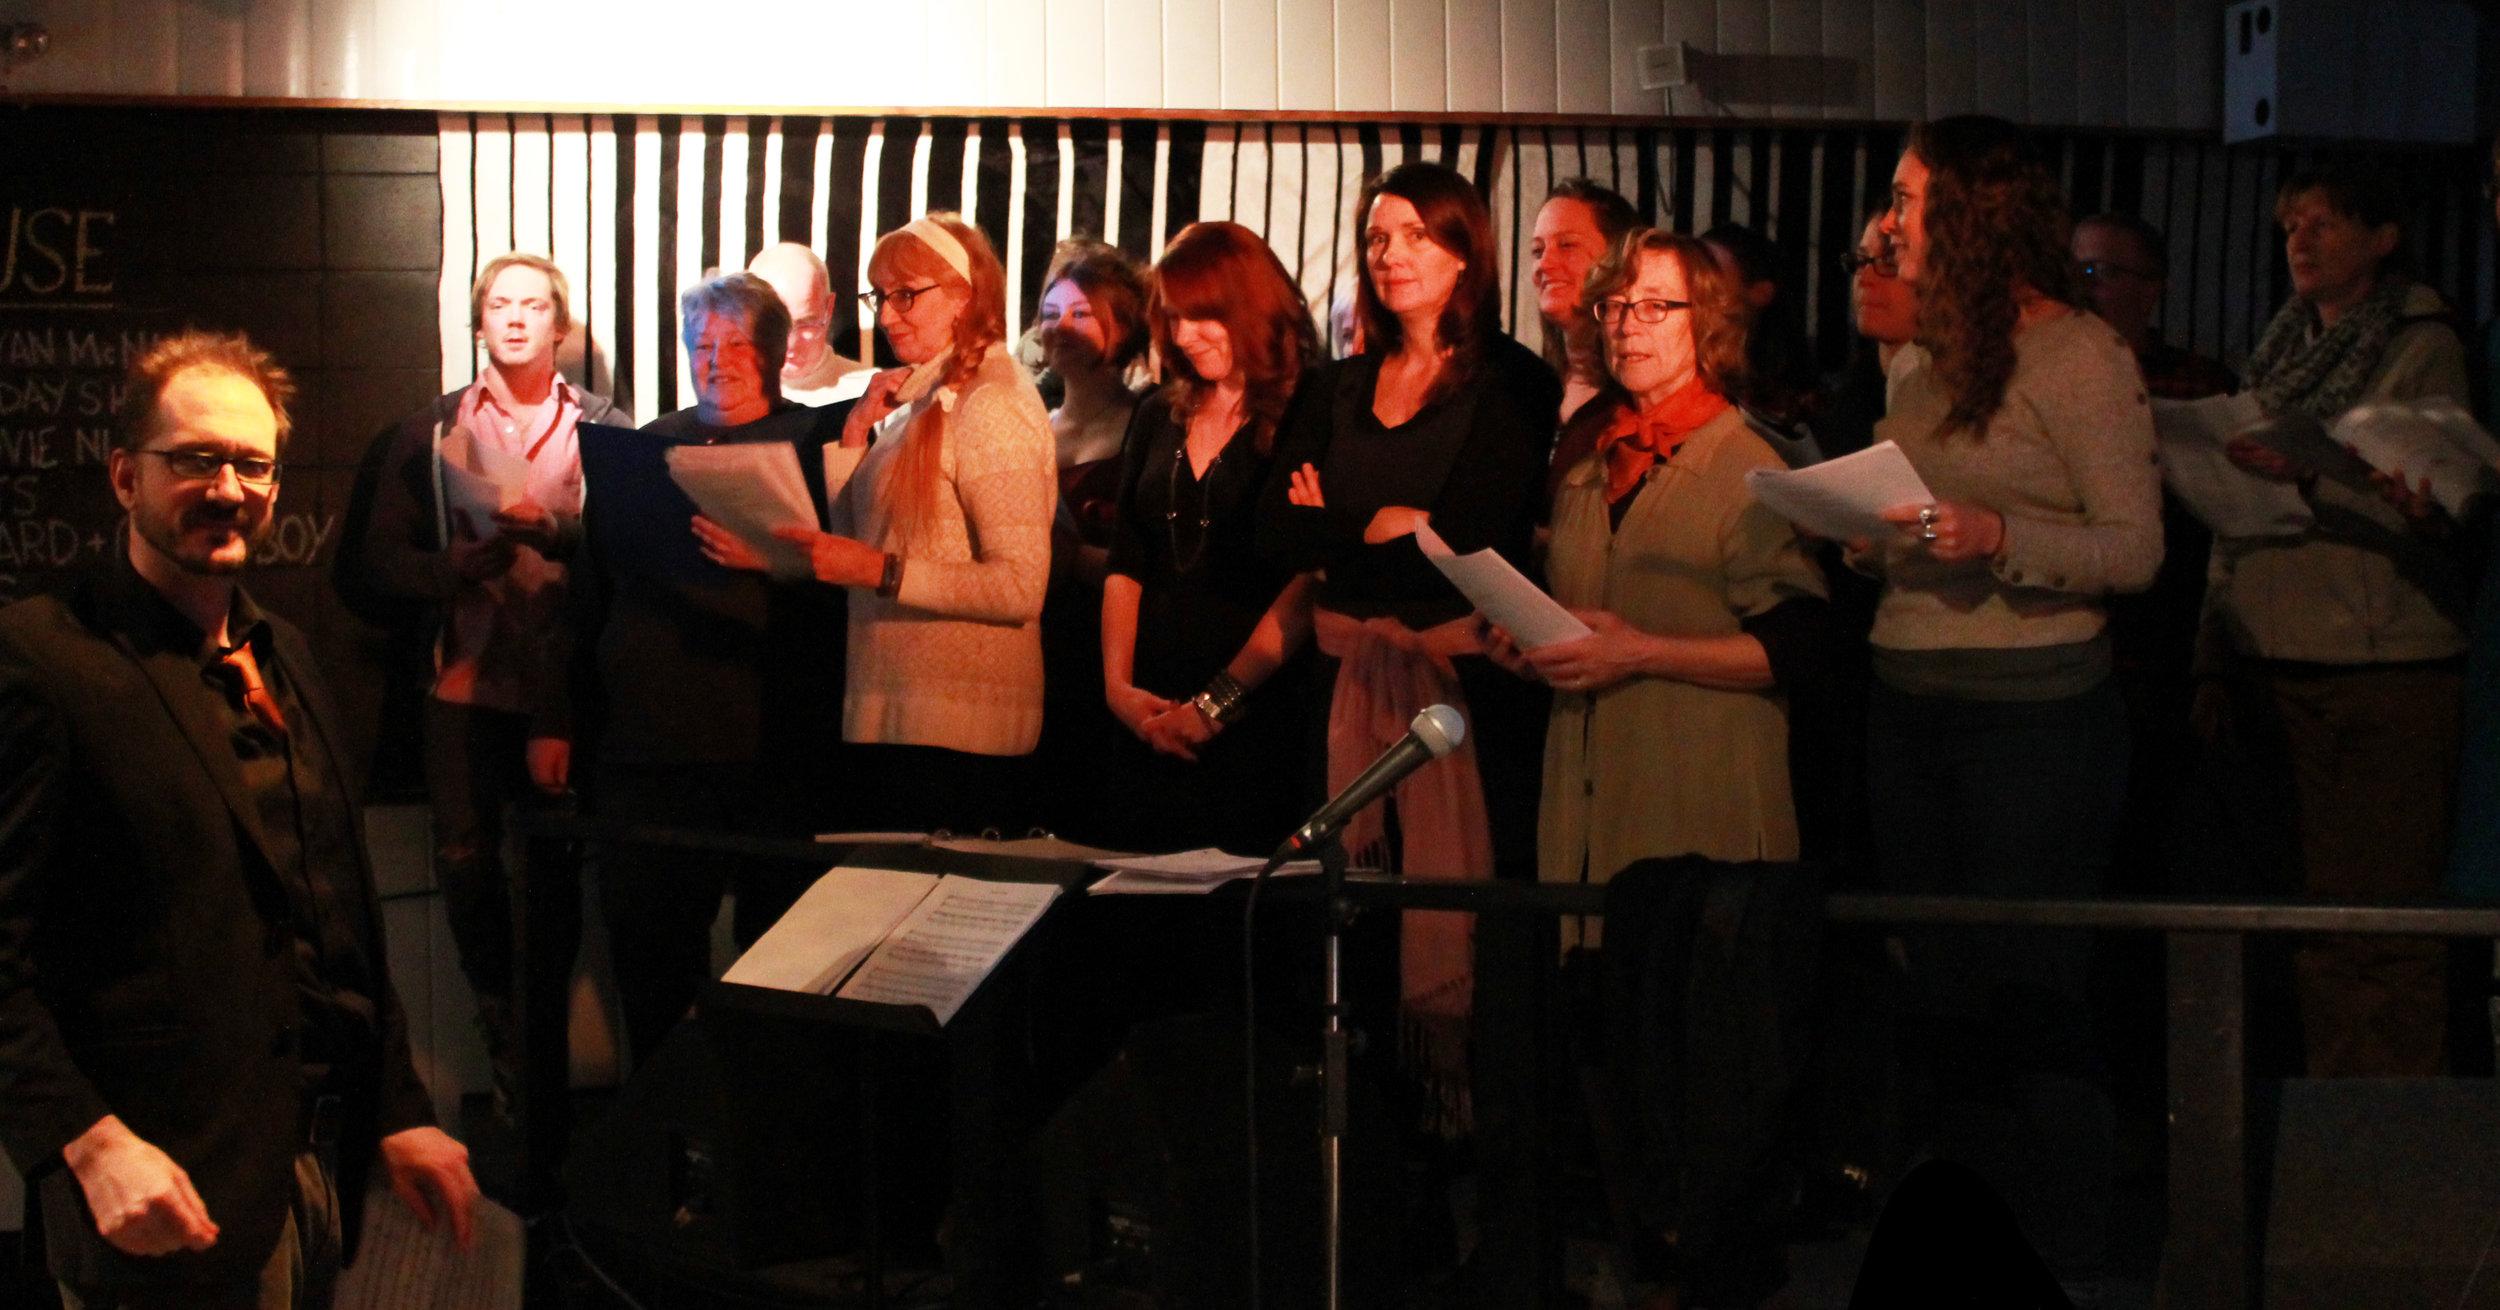 Choir-SM-looking_6675.jpg